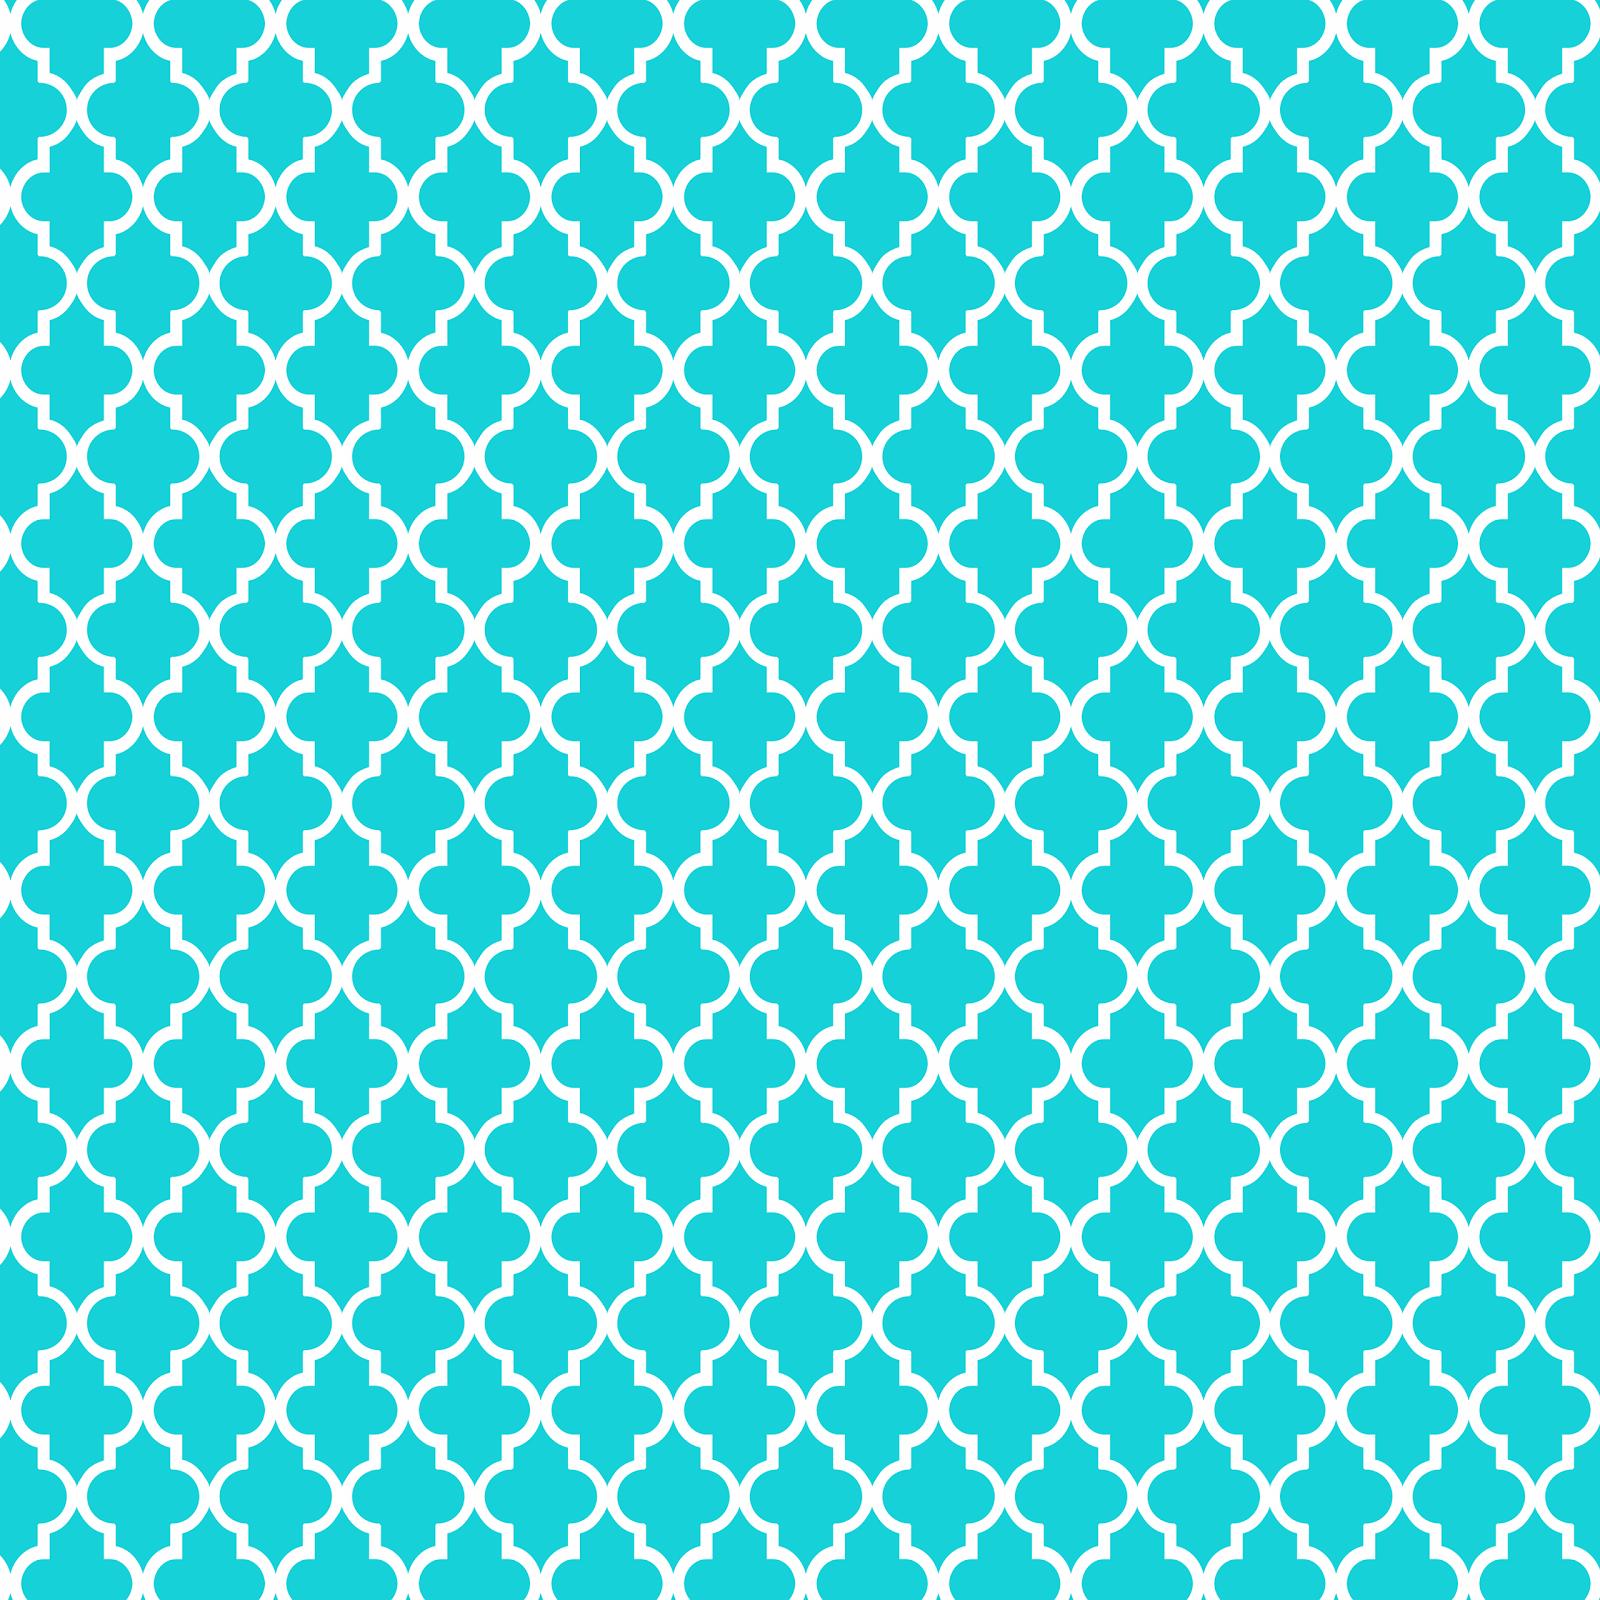 More Free Printable Patterns! - Free Printable Patterns